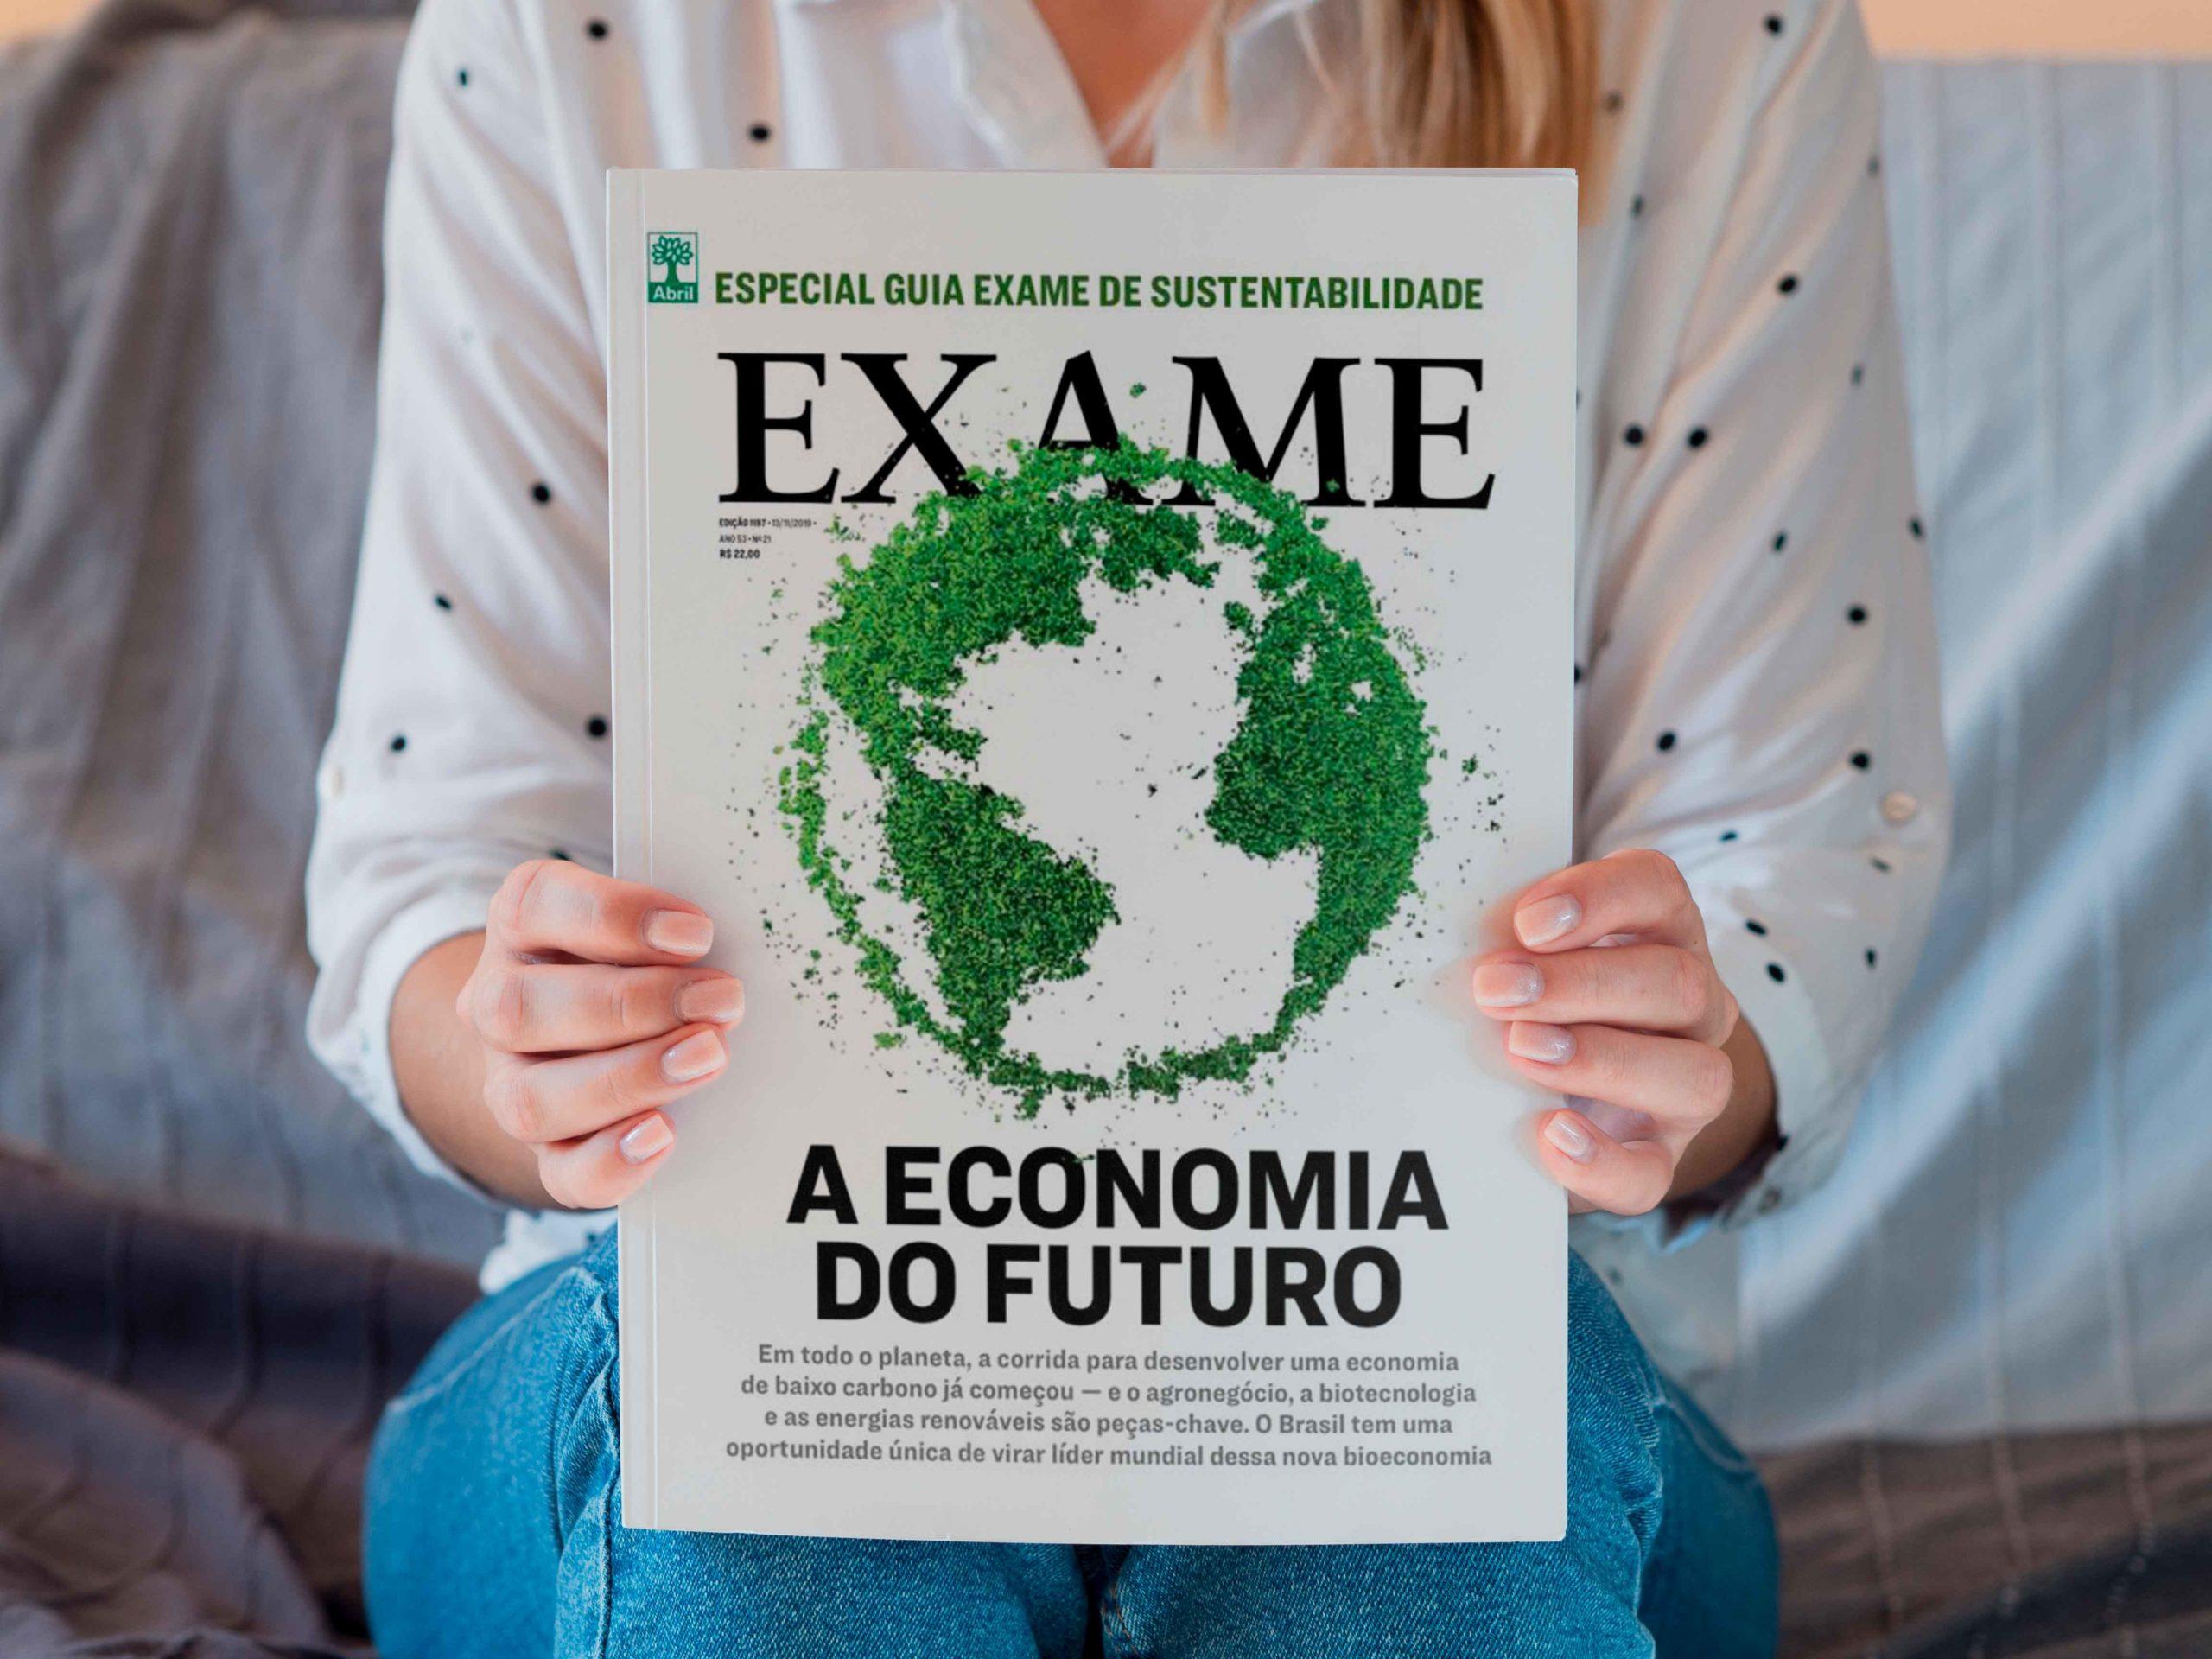 Empresa mais sustentável de transporte e logística pela Revista Exame